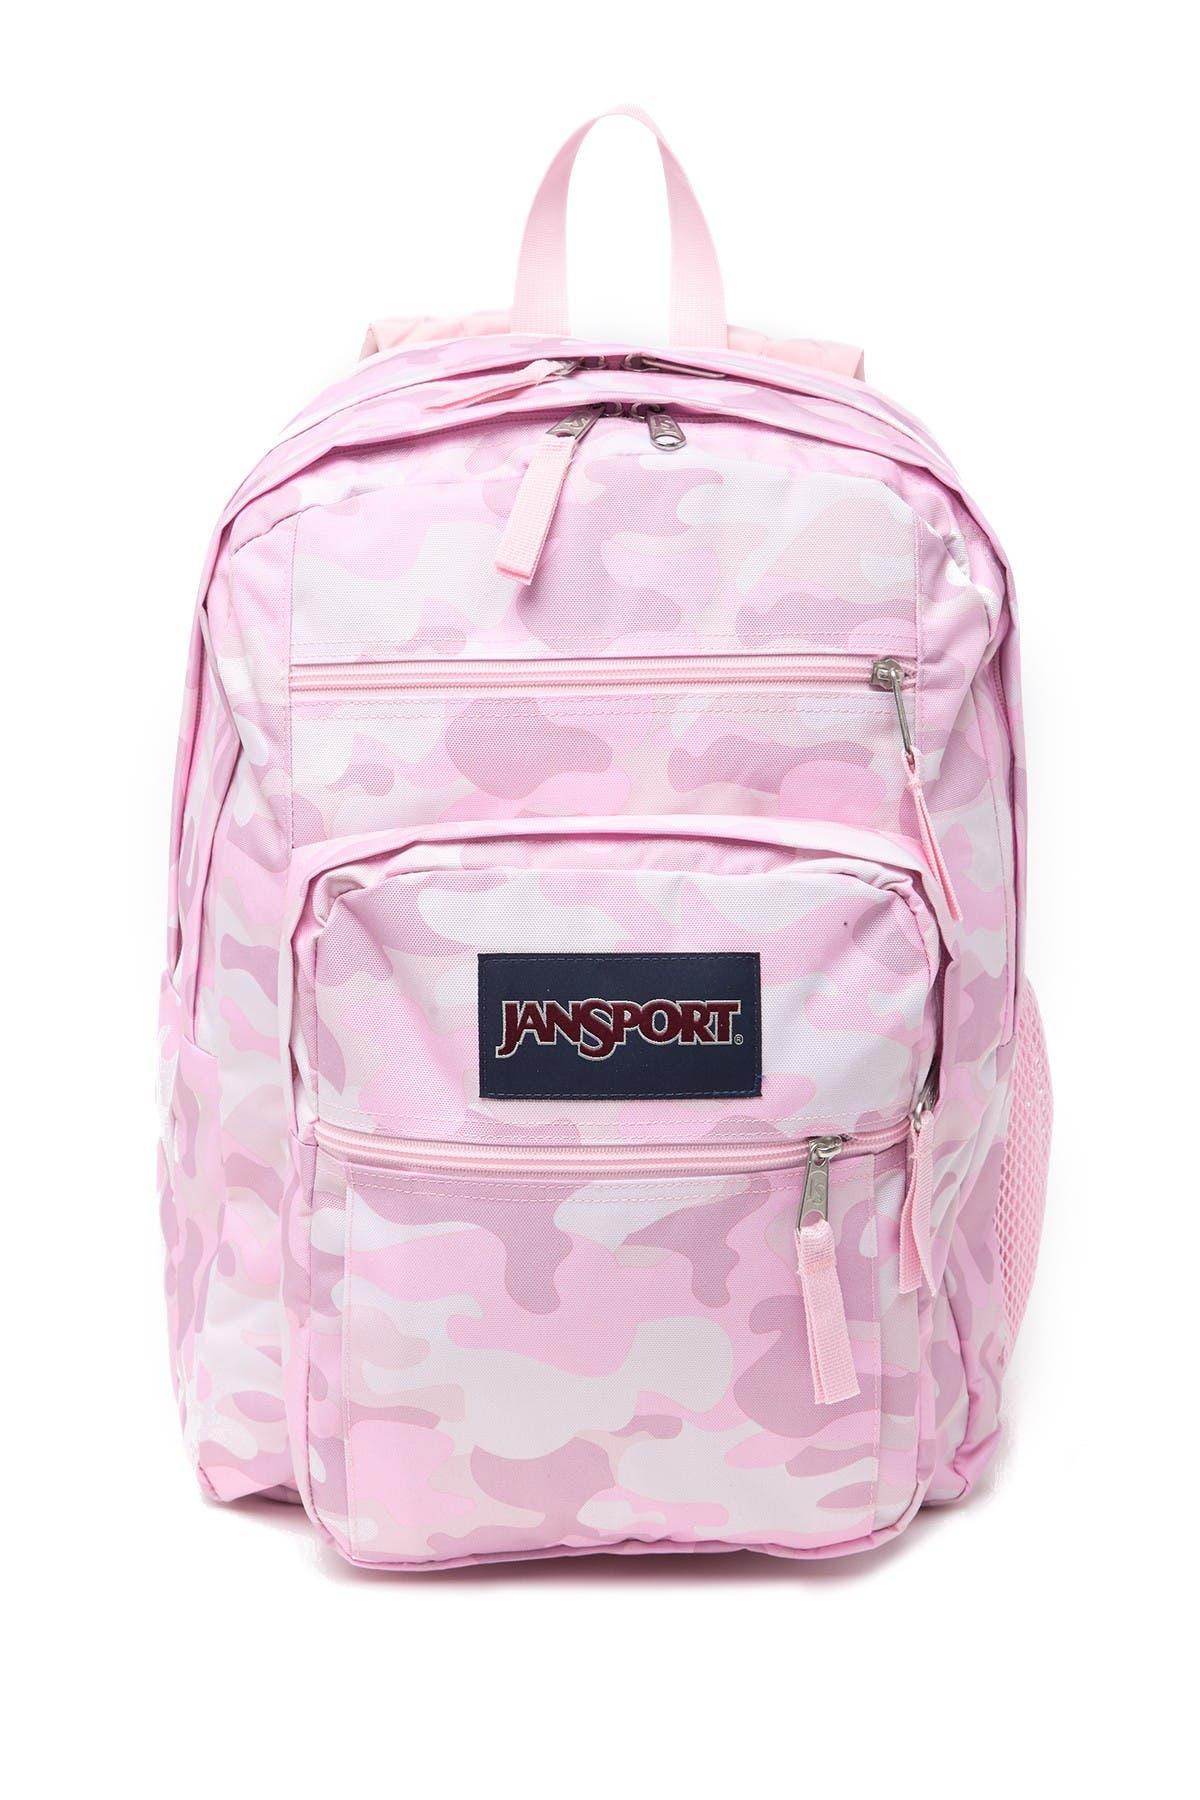 Image of JANSPORT Big Student Backpack